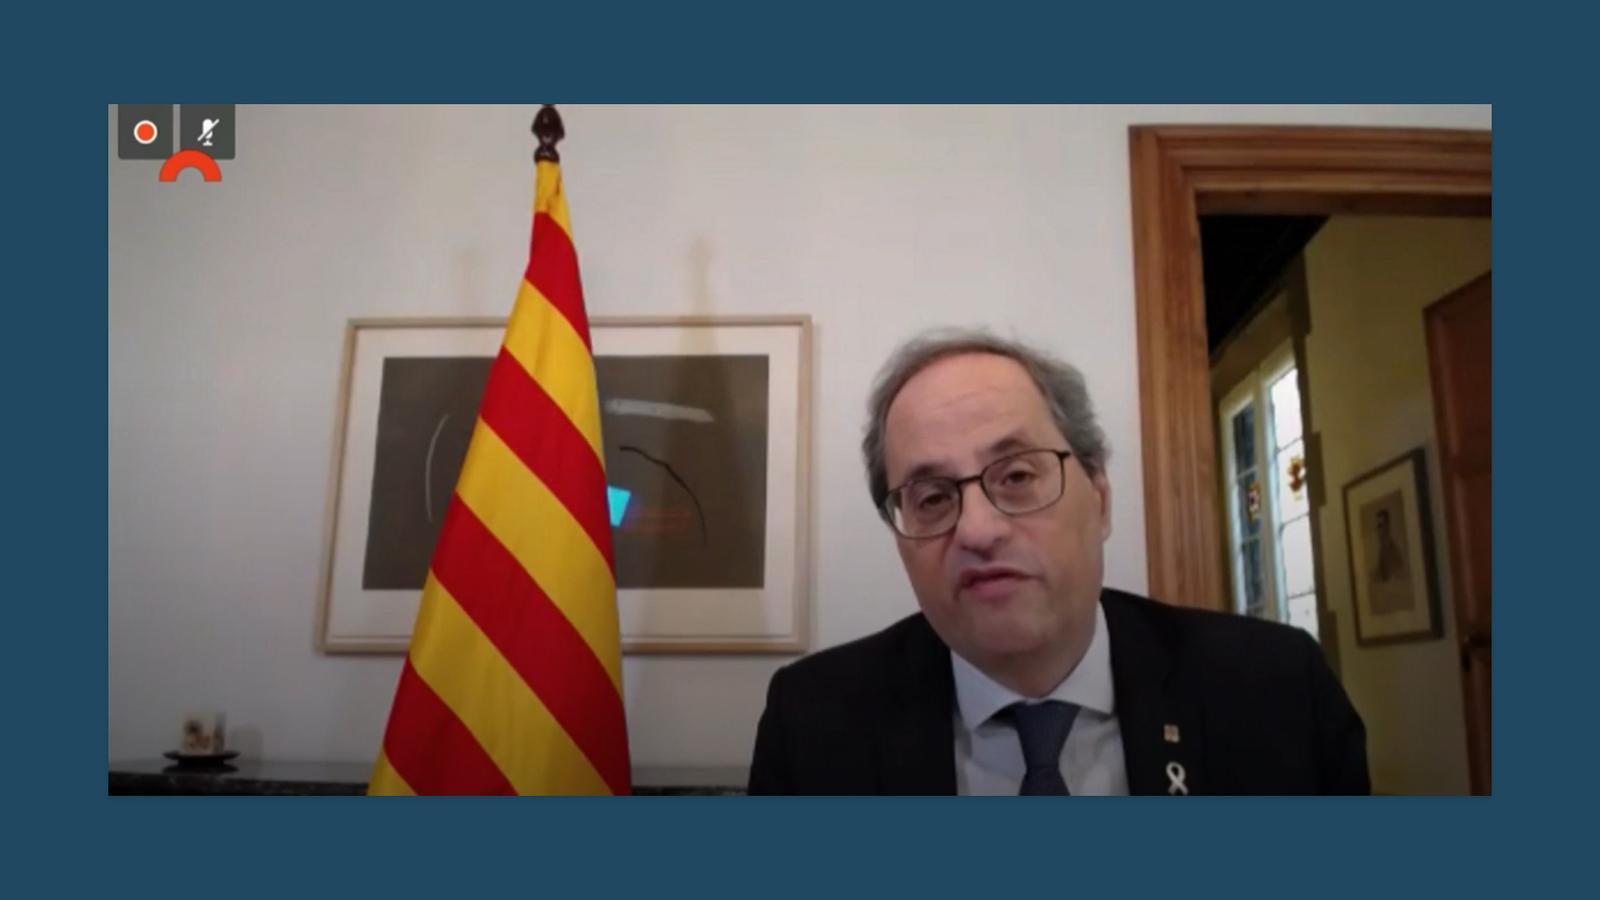 L'anàlisi d'Antoni Bassas: 'El debat pendent de la gestió de la crisi'